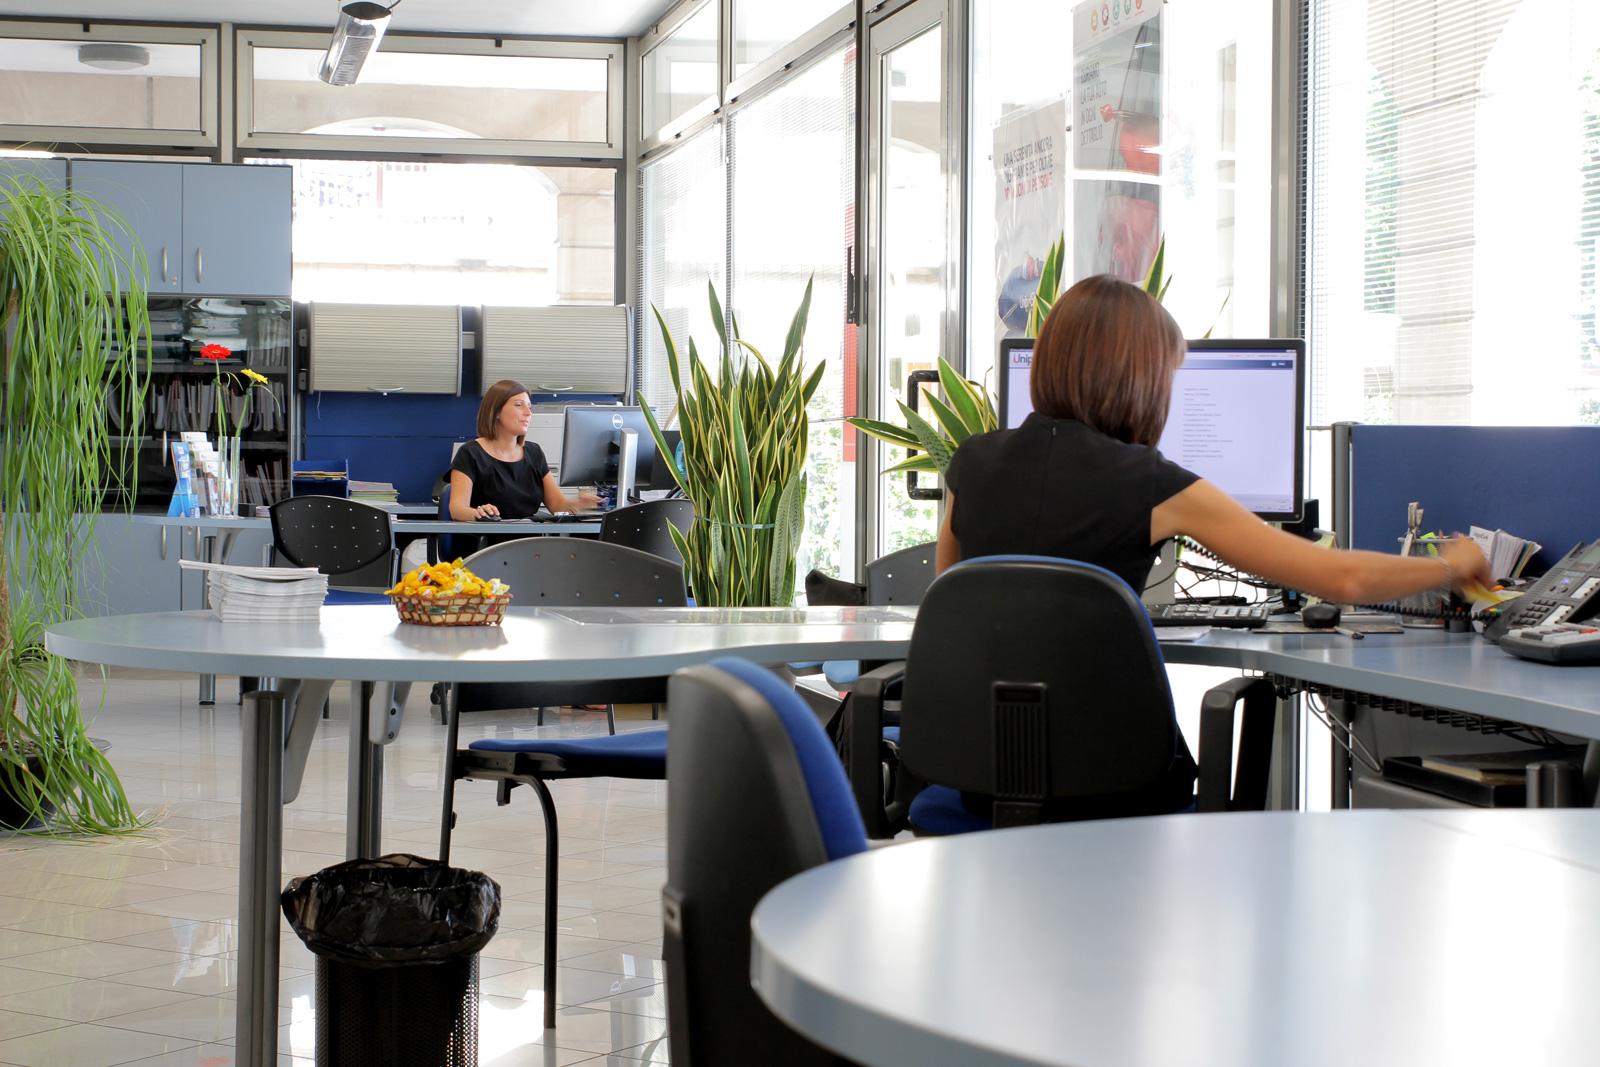 Ufficio Lavoro Jesolo : Dpiù assicurazioni sede secondaria di jesolo